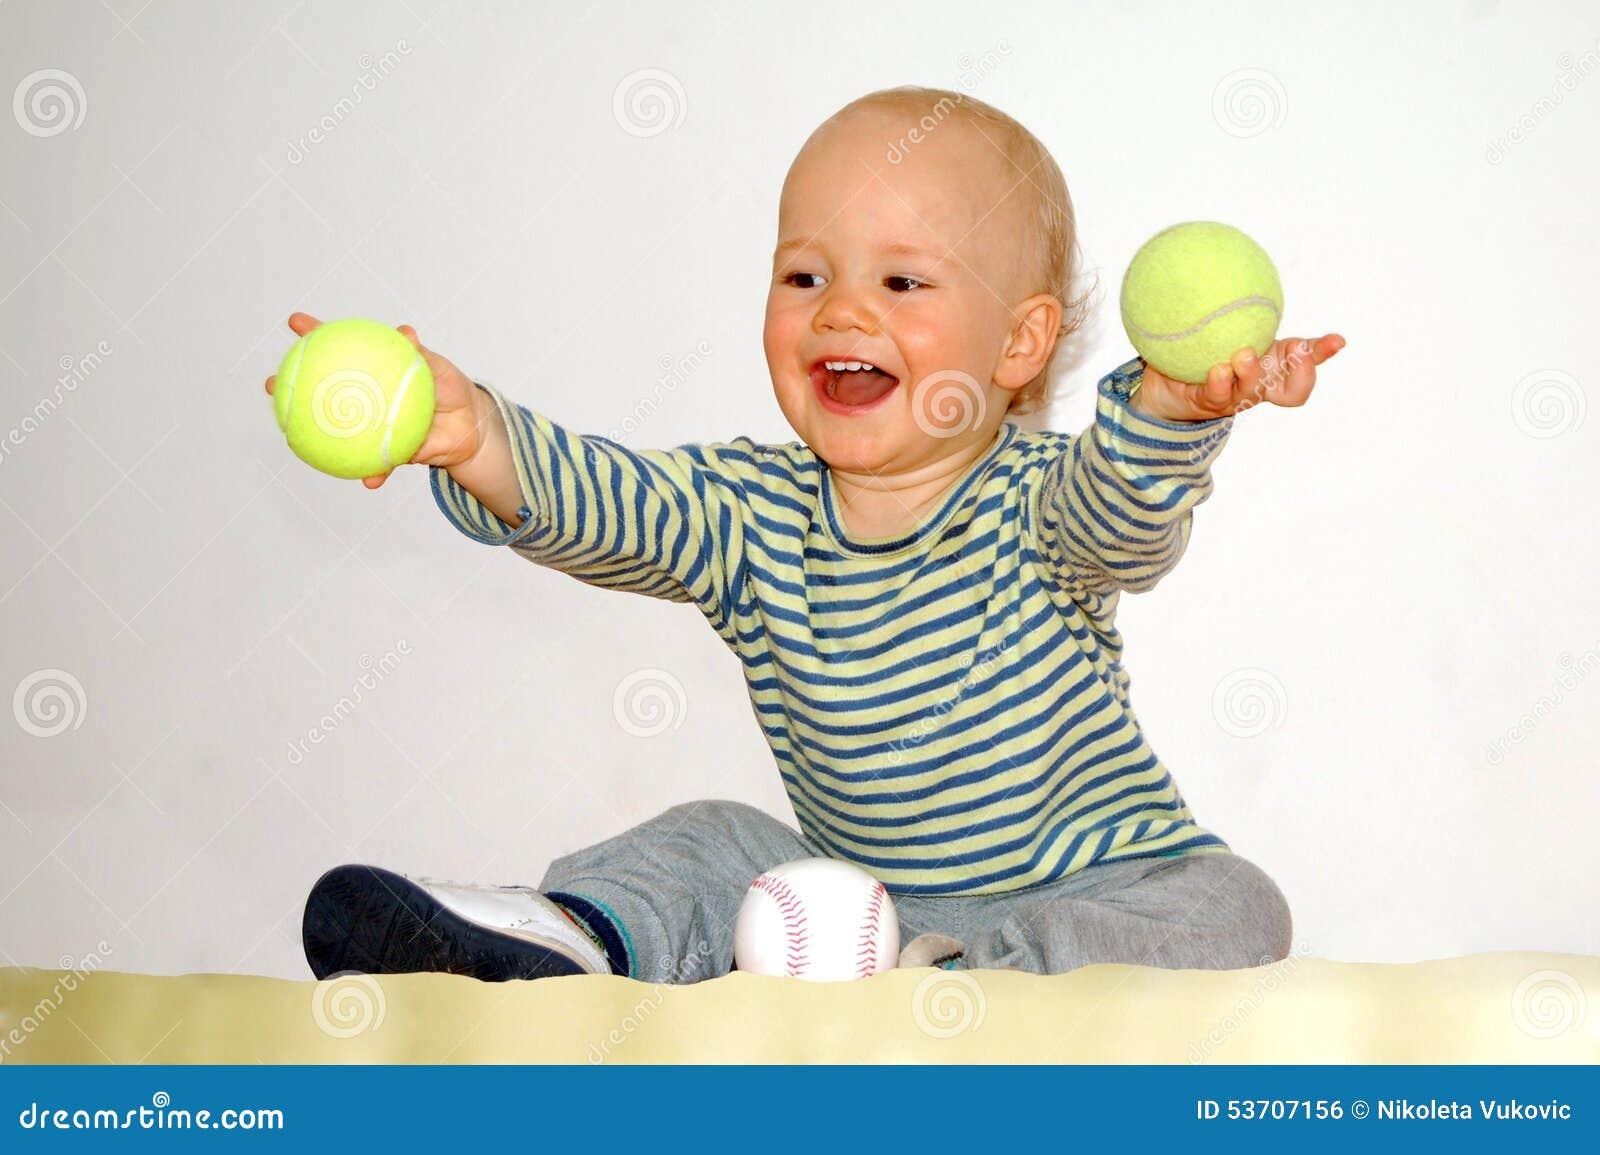 jeux heureux de b b avec des balles de tennis photo stock image 53707156. Black Bedroom Furniture Sets. Home Design Ideas